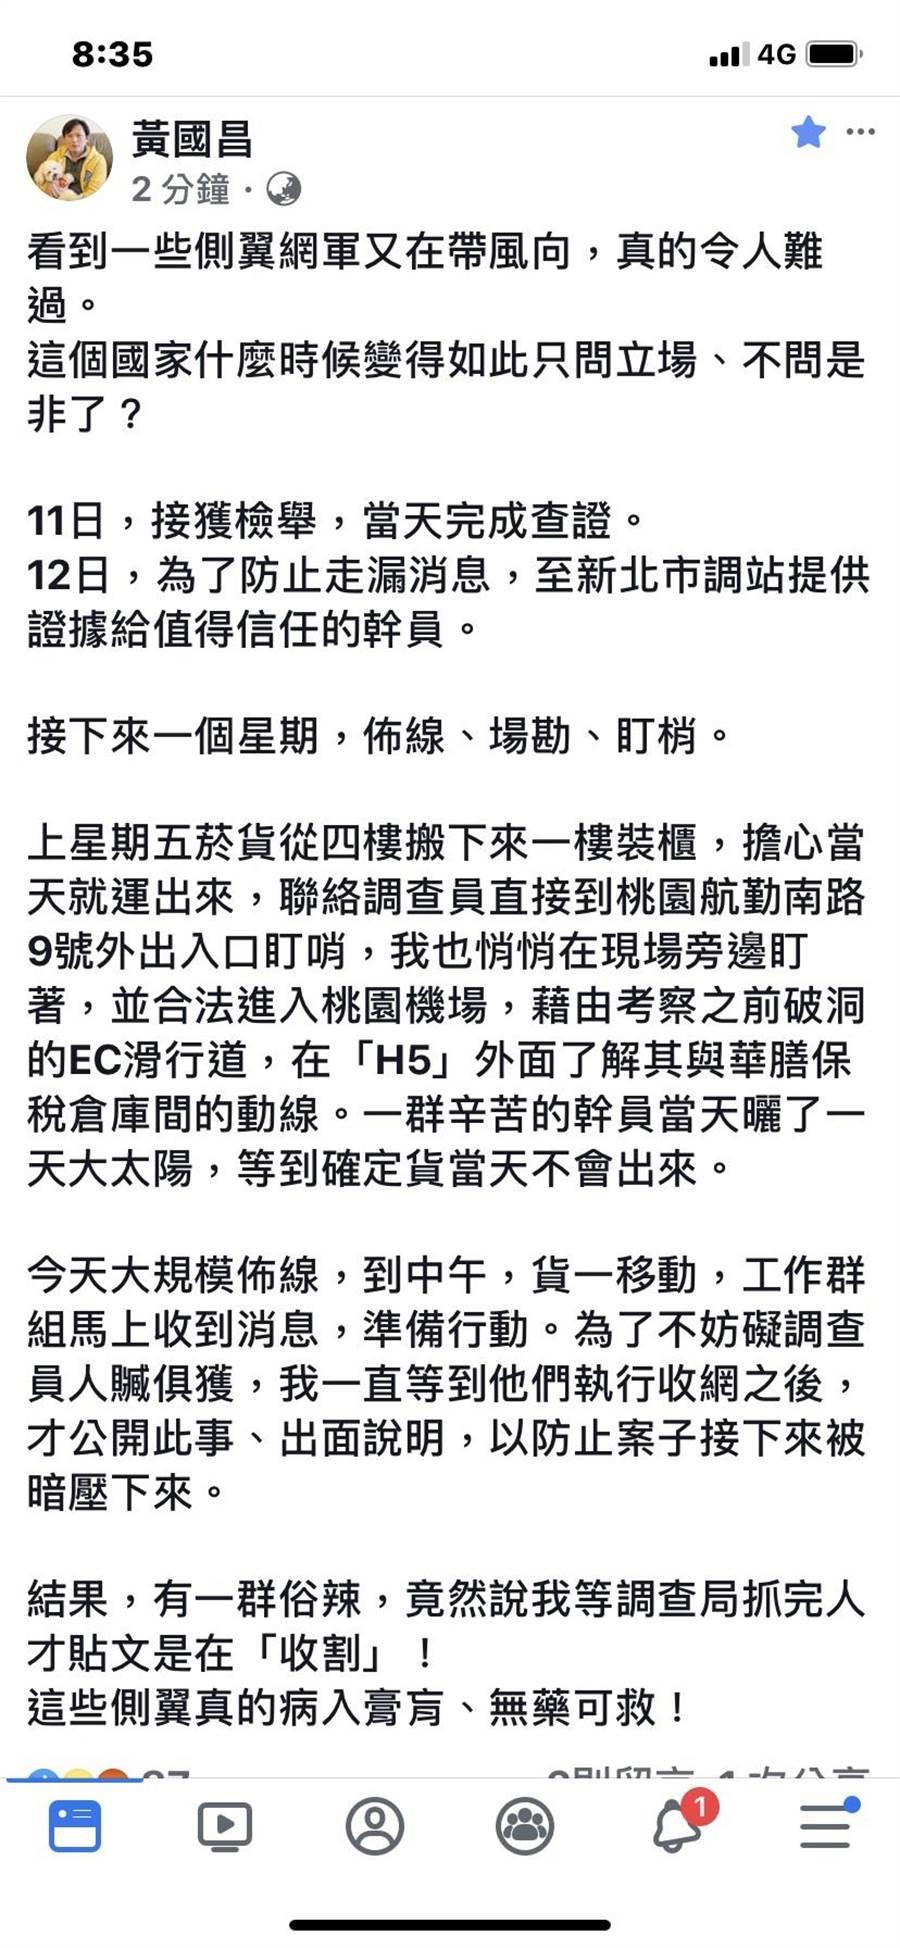 立委黃國昌在臉書強調,他在10天前把證據交給新北市調站的信任幹員,而為了不妨礙調查員人贓俱獲,他一直等到他們執行收網之後,才公開此事。(翻攝畫面)